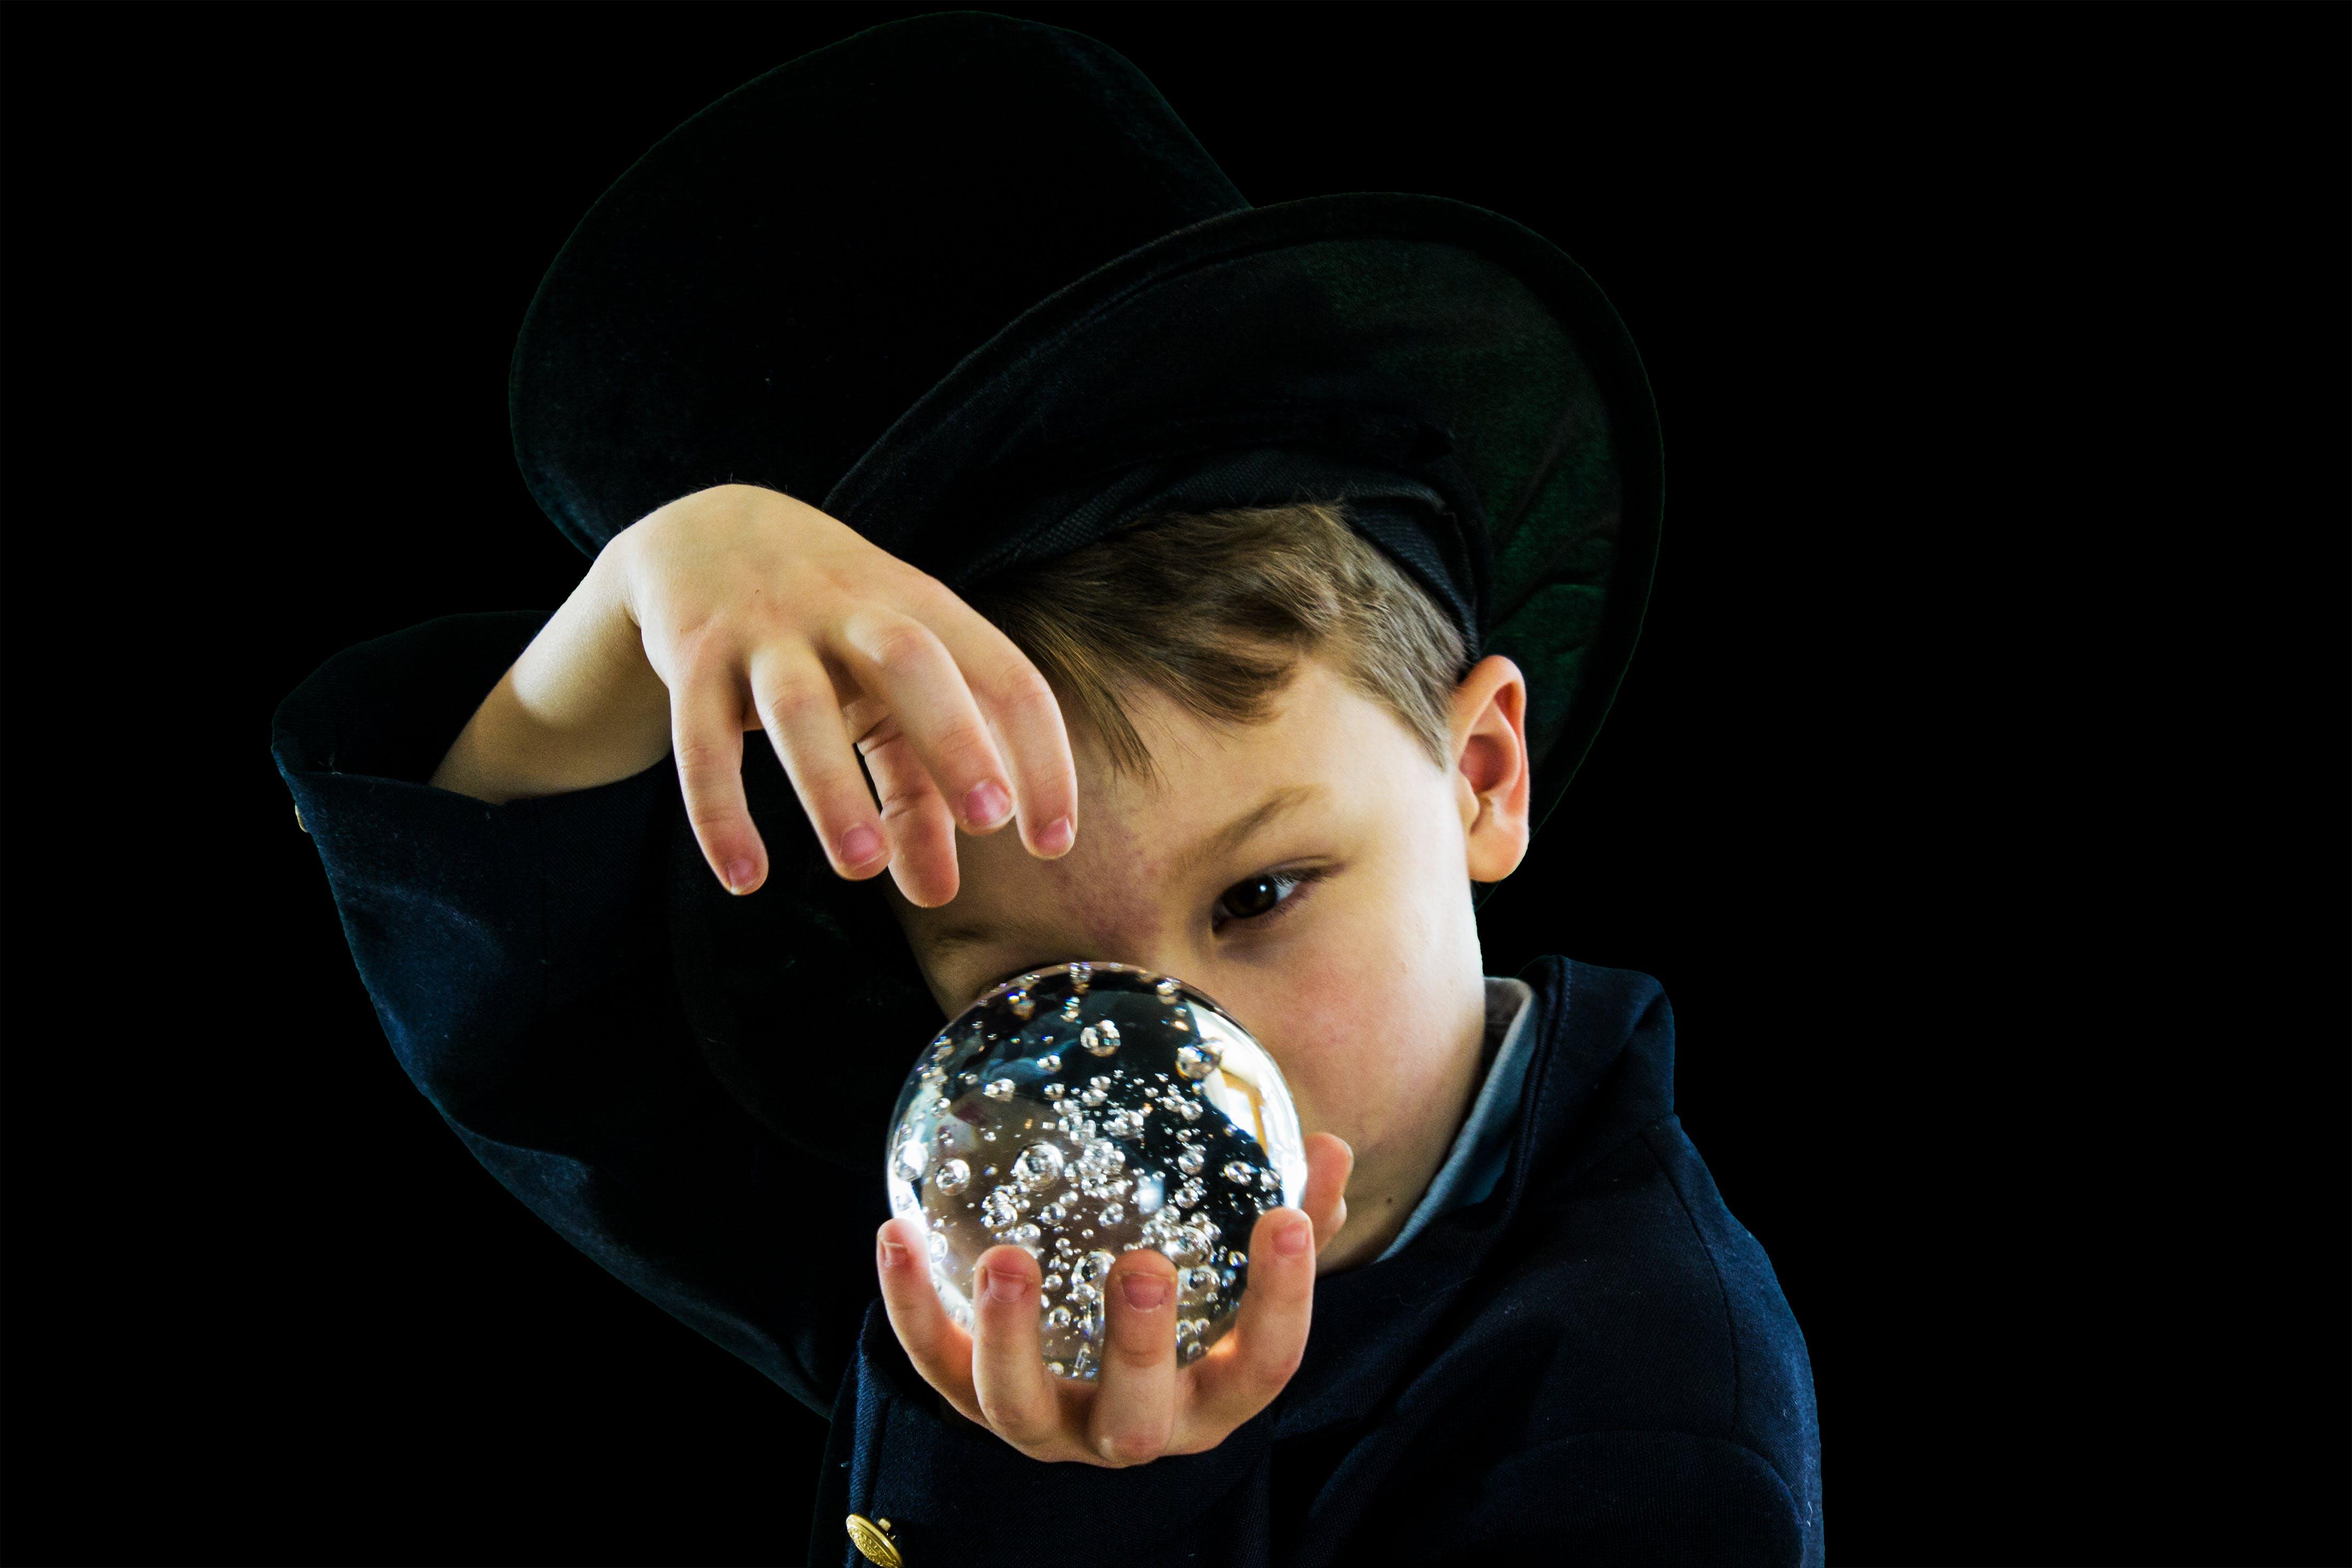 トップハット, 水晶球, 男子, 魔法の無料の写真素材